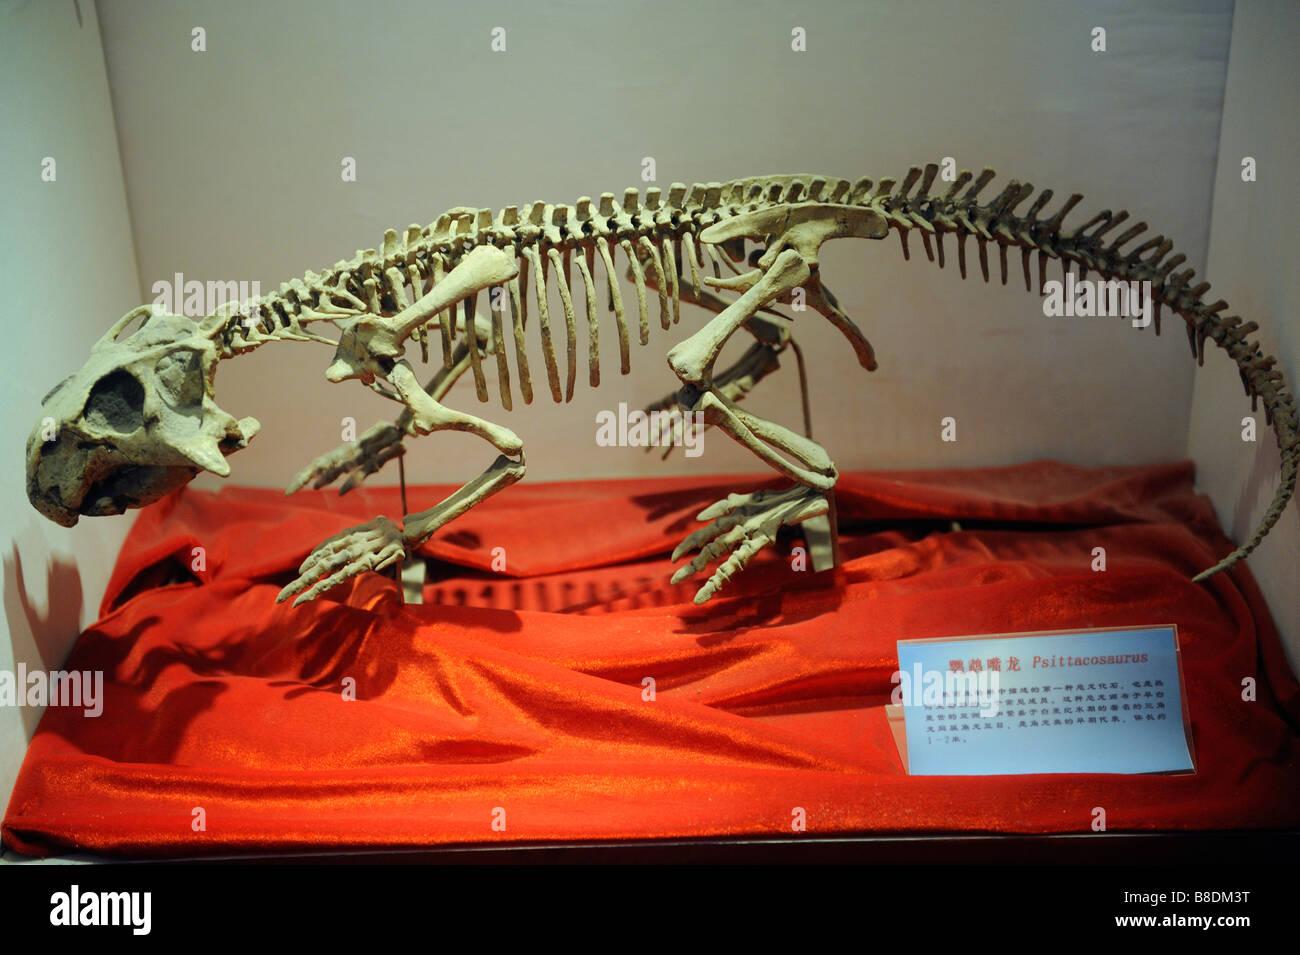 Dinosaur Fossil - Psittacosaurus - Stock Image